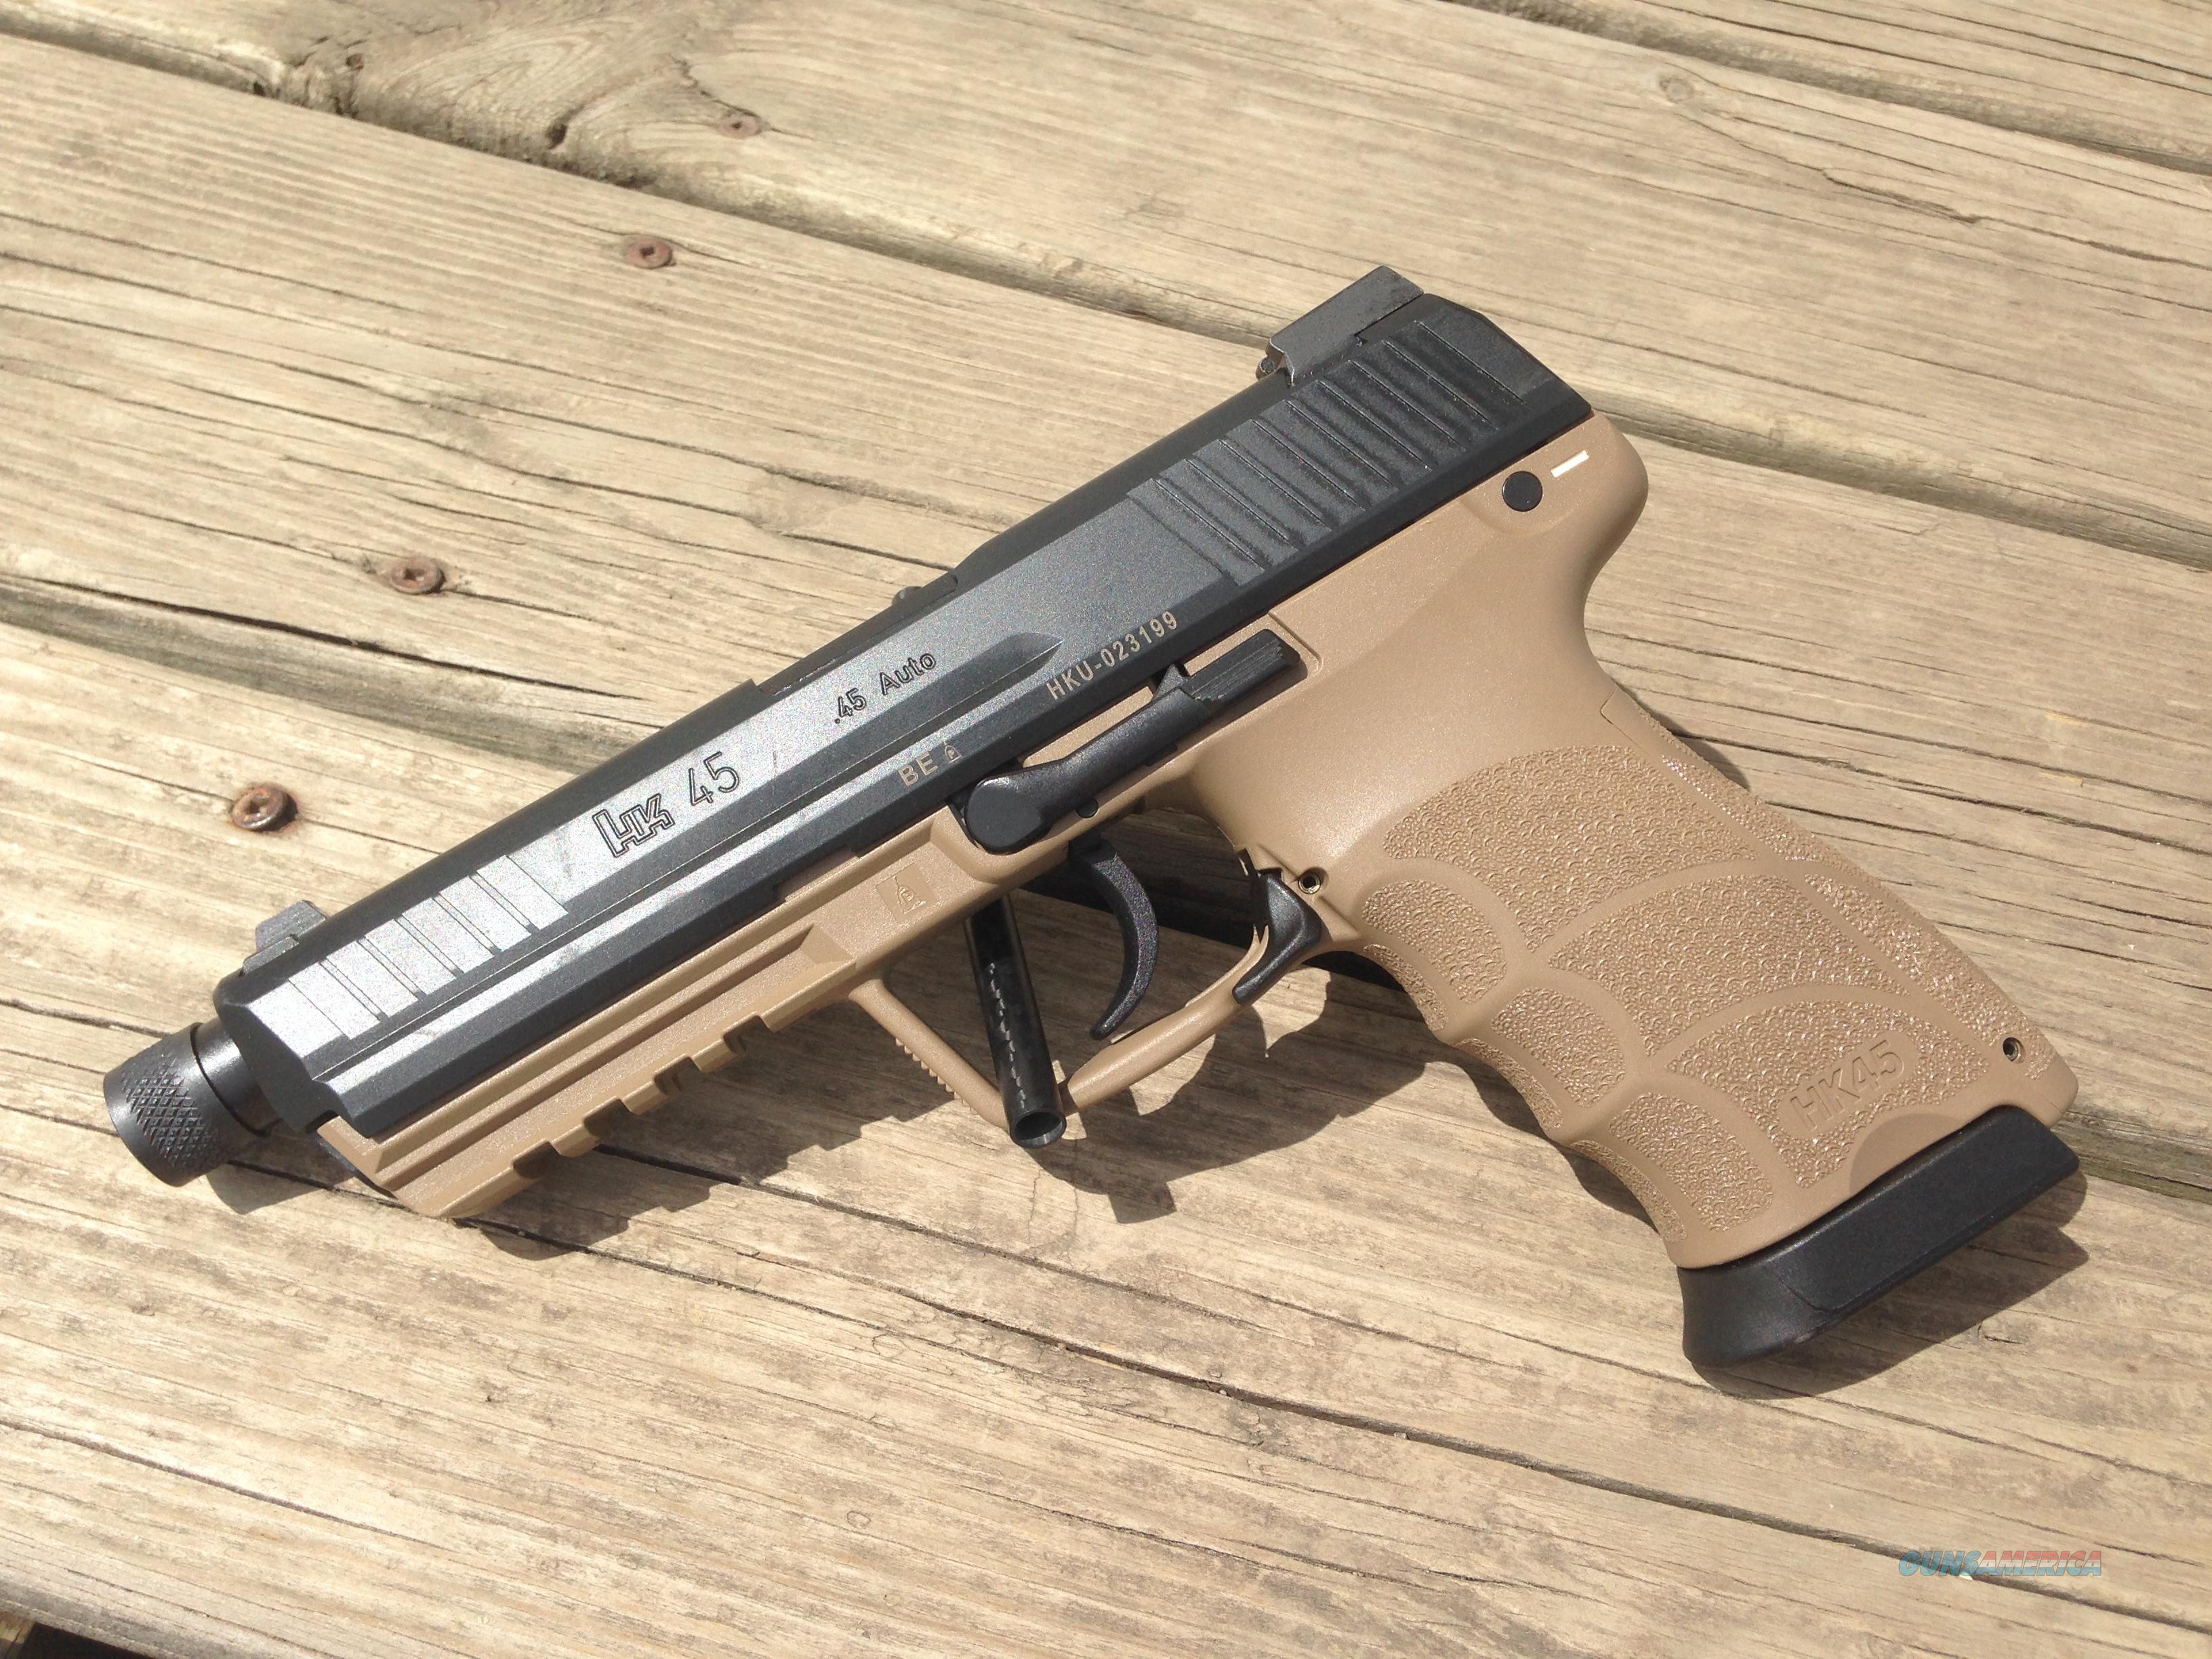 HK45 Tactical .45acp thhreaded DA ONLY 10+1  Guns > Pistols > Heckler & Koch Pistols > Polymer Frame